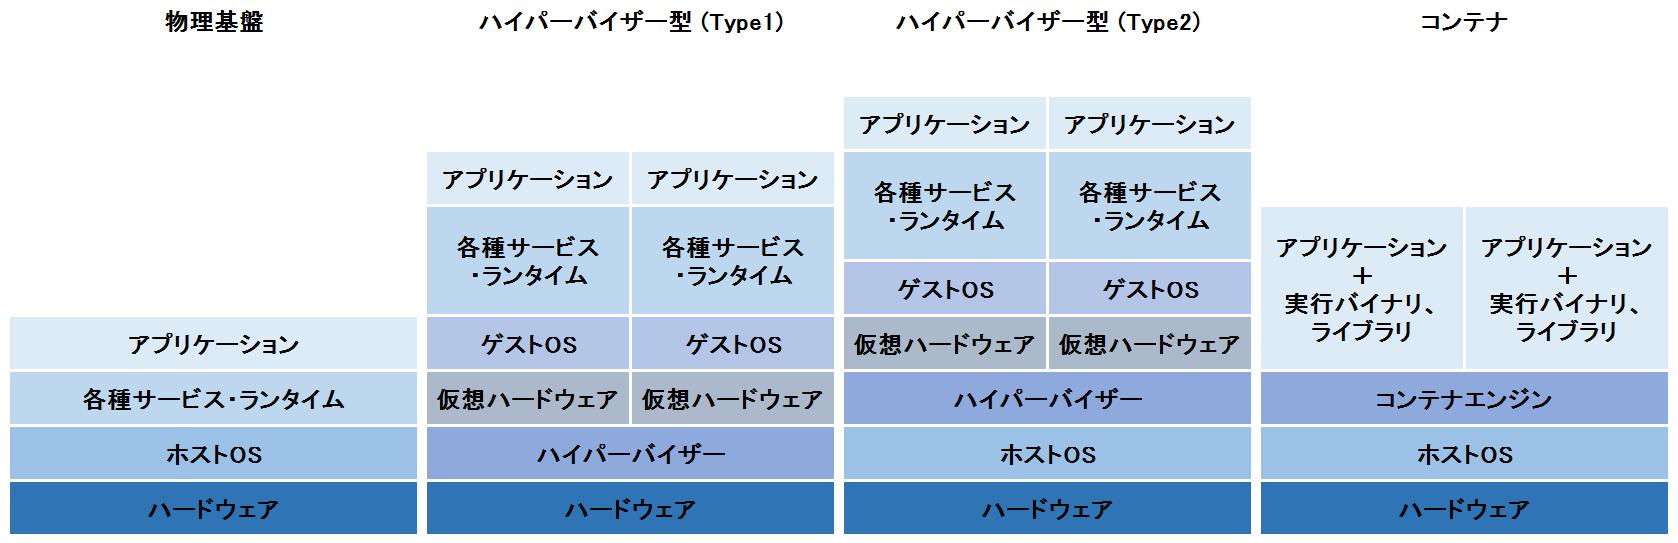 物理基盤、ハイパーバイザ型との比較.png